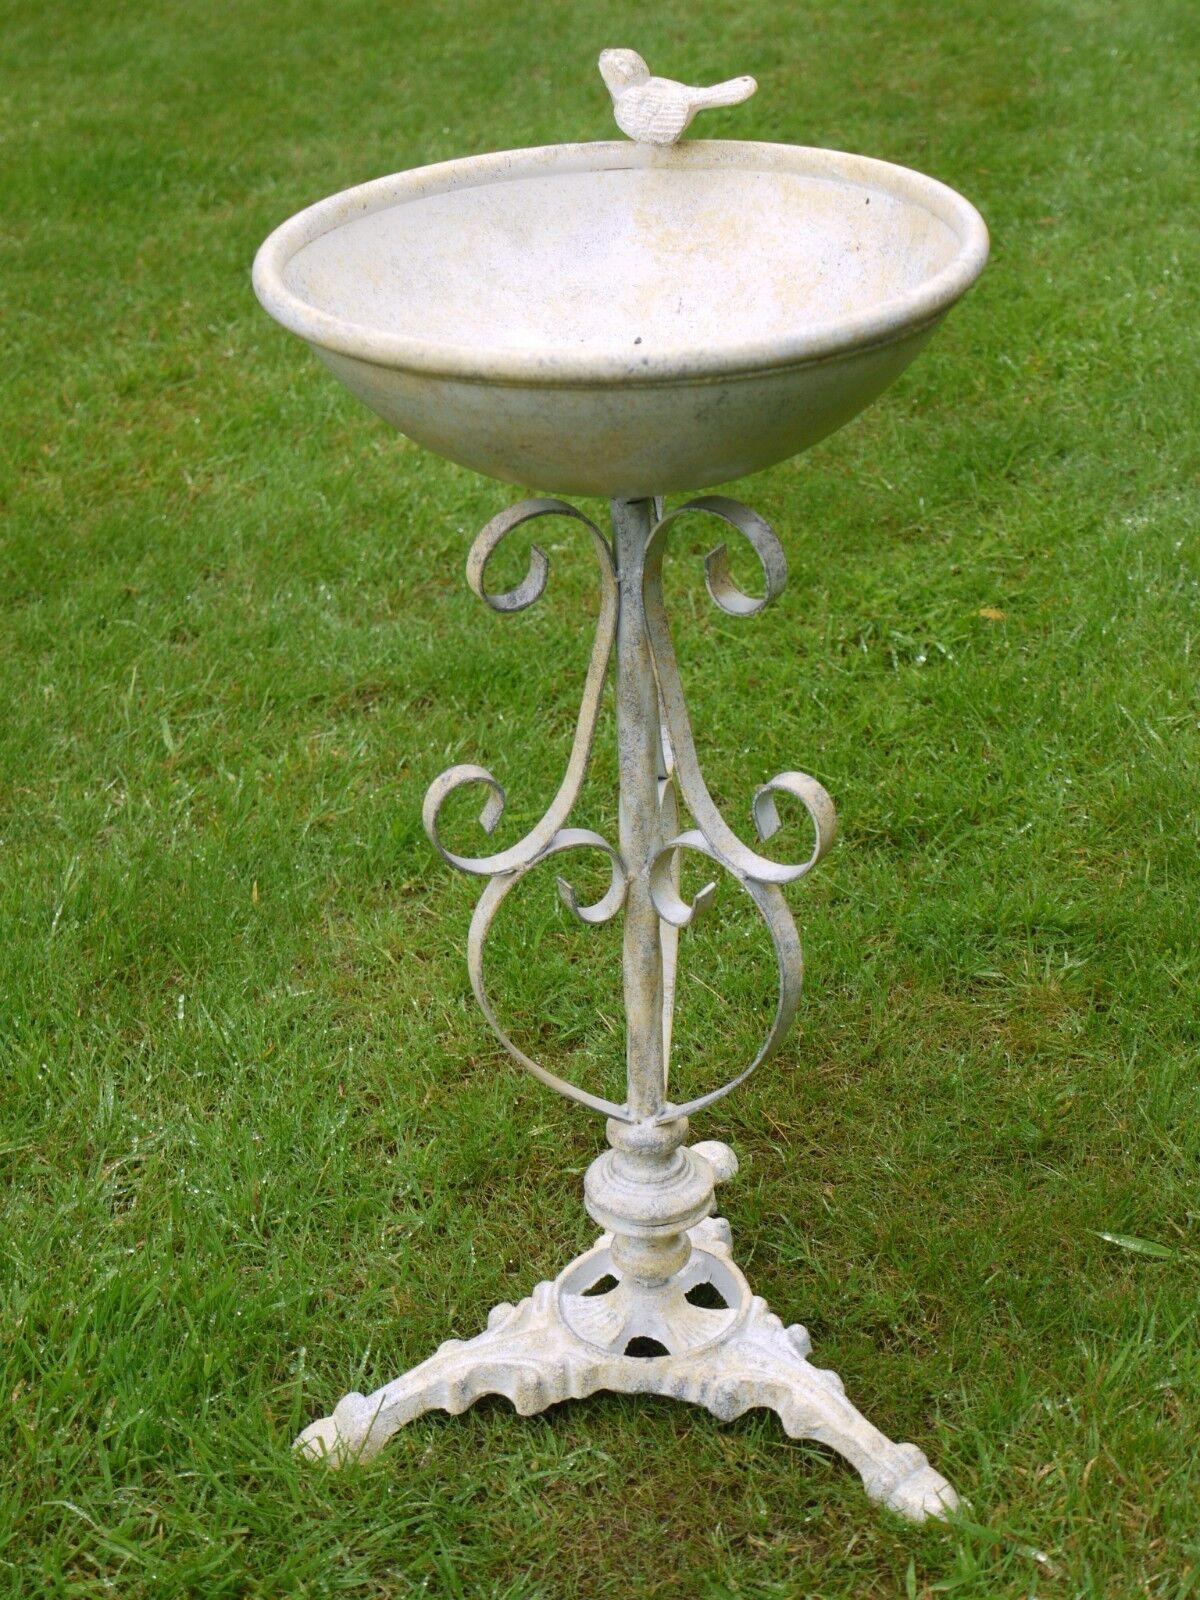 Baño Del Pájaro Vintage de Estilo blancoo Crema de Baño Del Pájaro Metal reCochegado Pileta